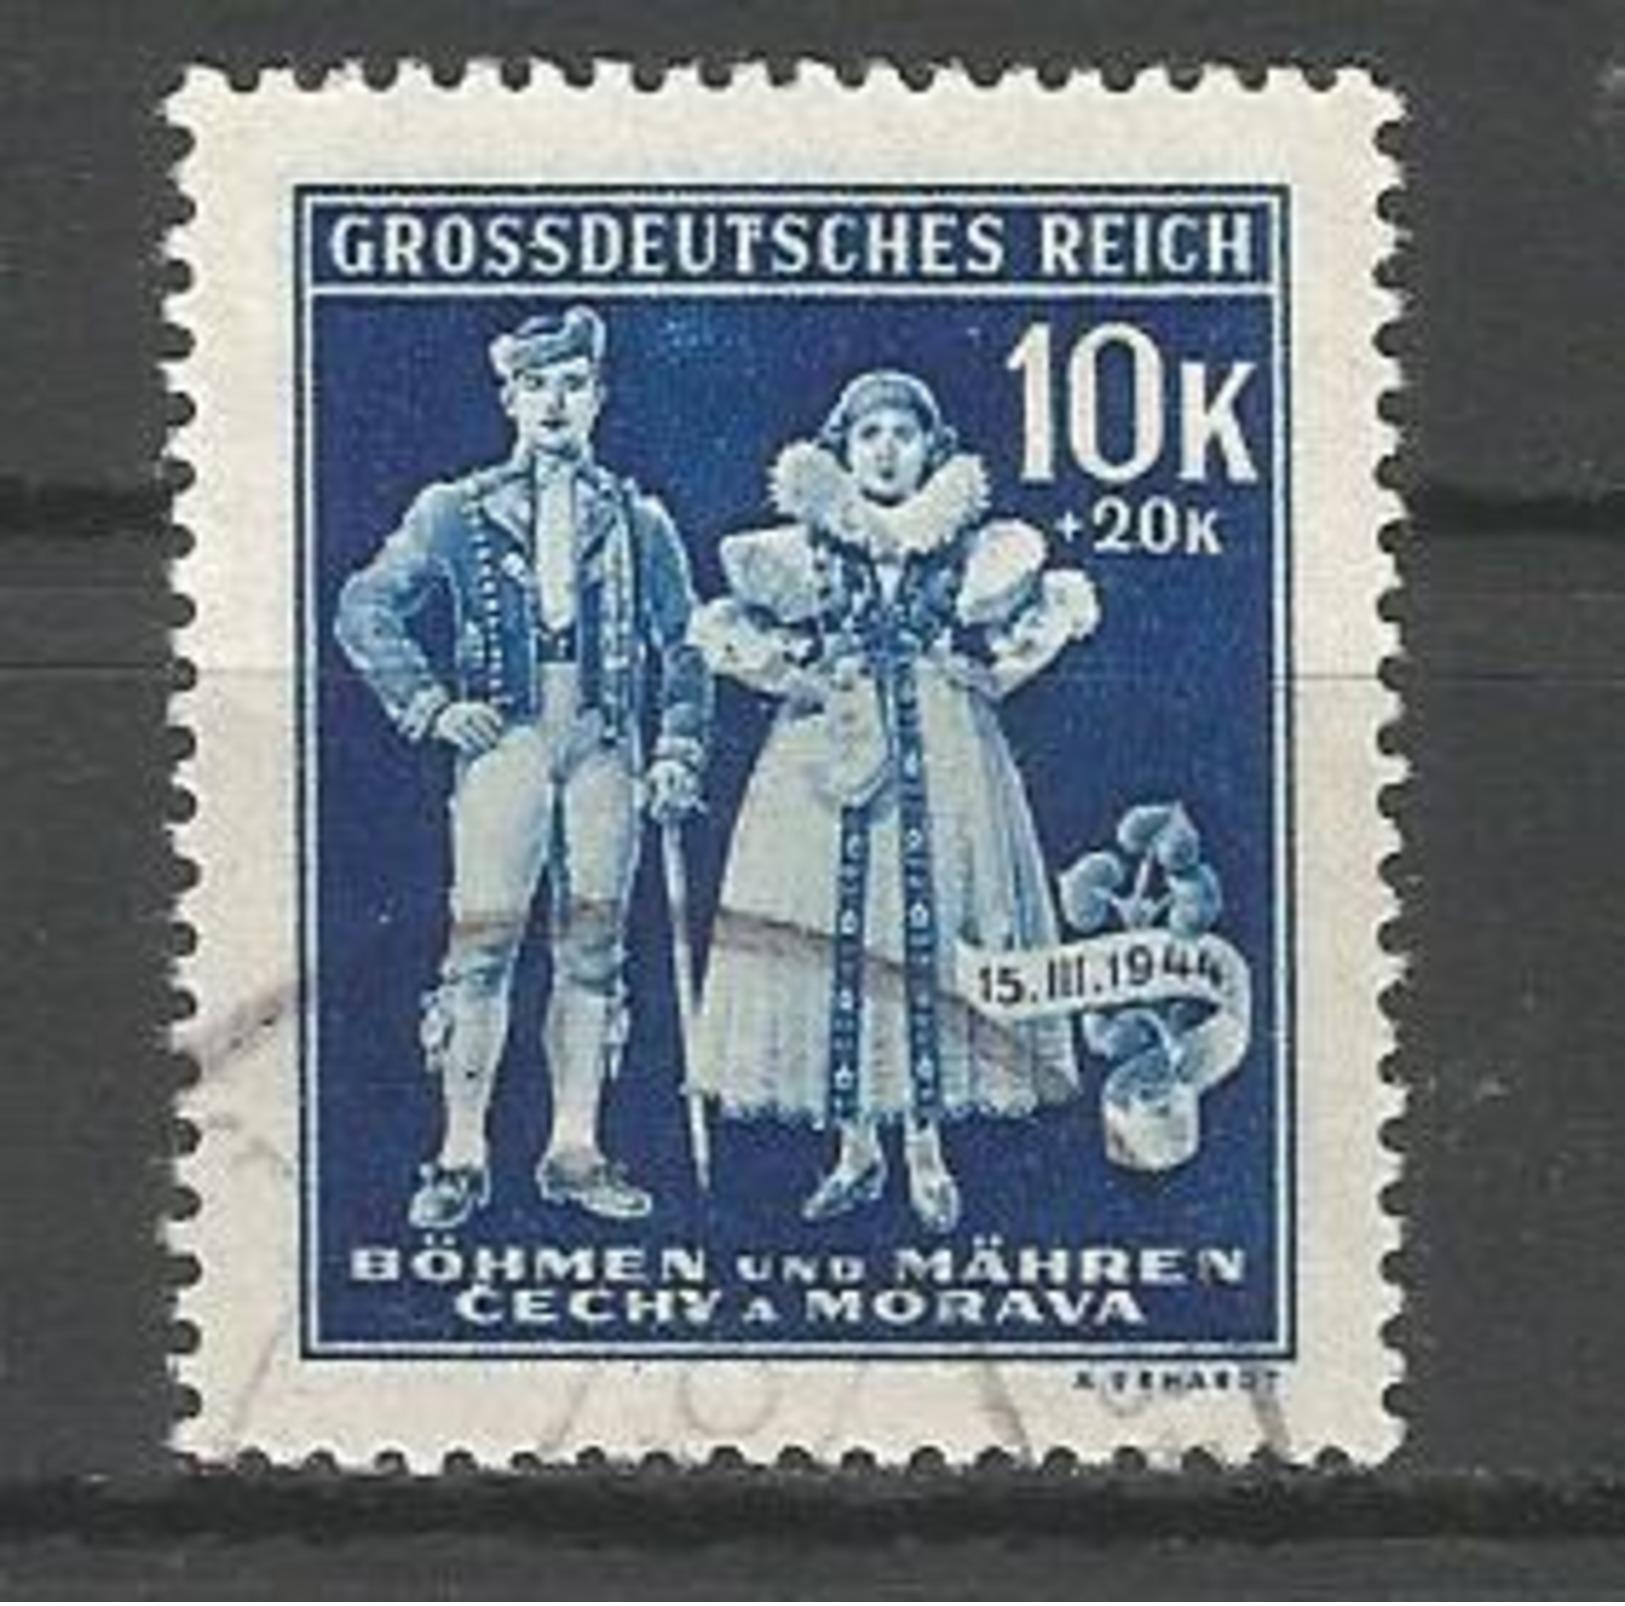 Deutsches Reich / Besetzungen. Trachten, 15.III.1944, Nr. 135 Mit Plattenfehler I, Gestempelt - Besetzungen 1938-45